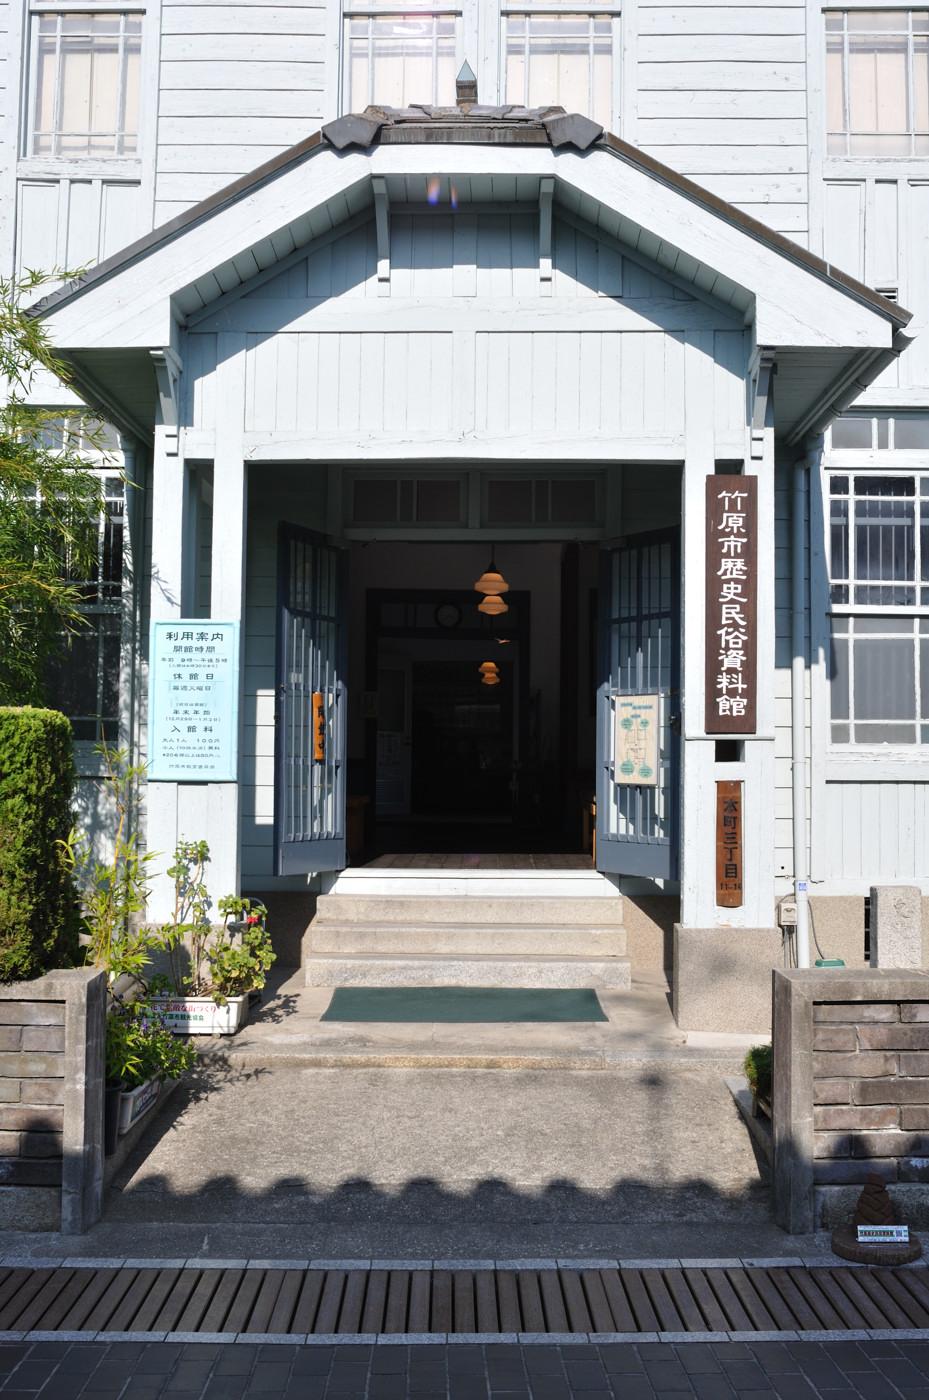 竹原の民族資料館のようです